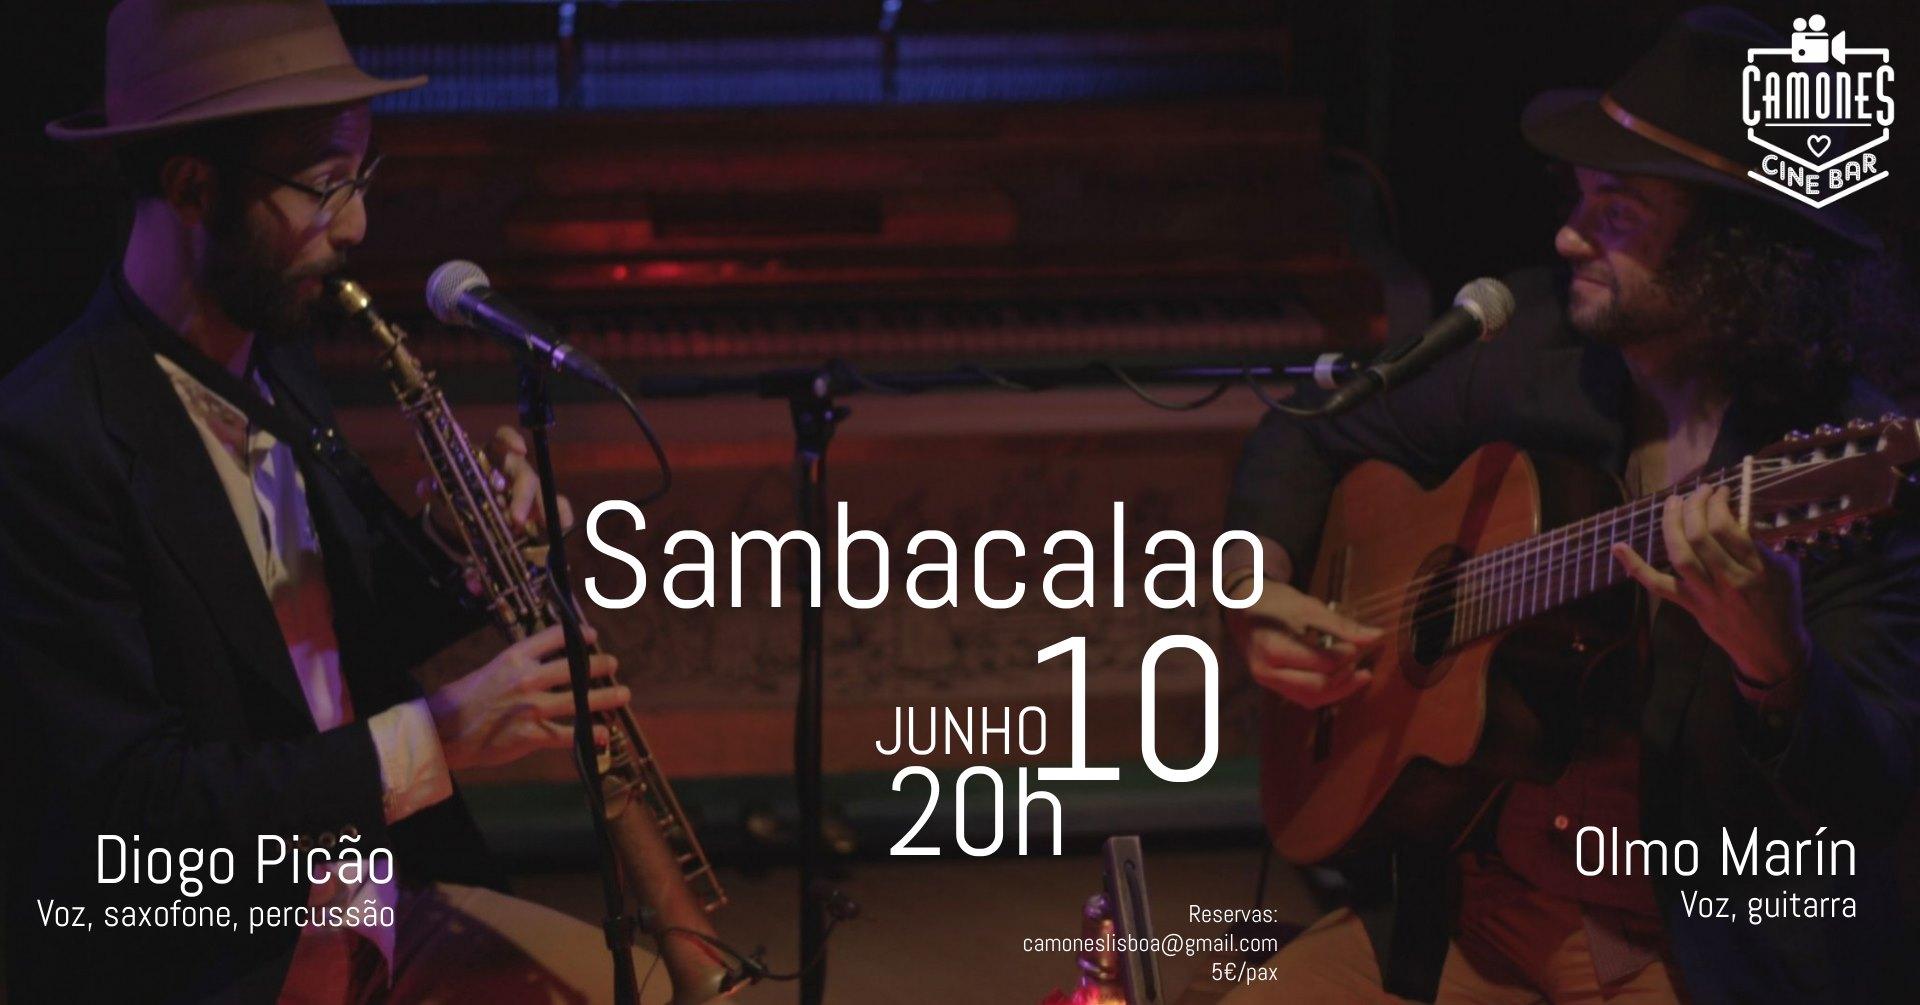 Sambacalao